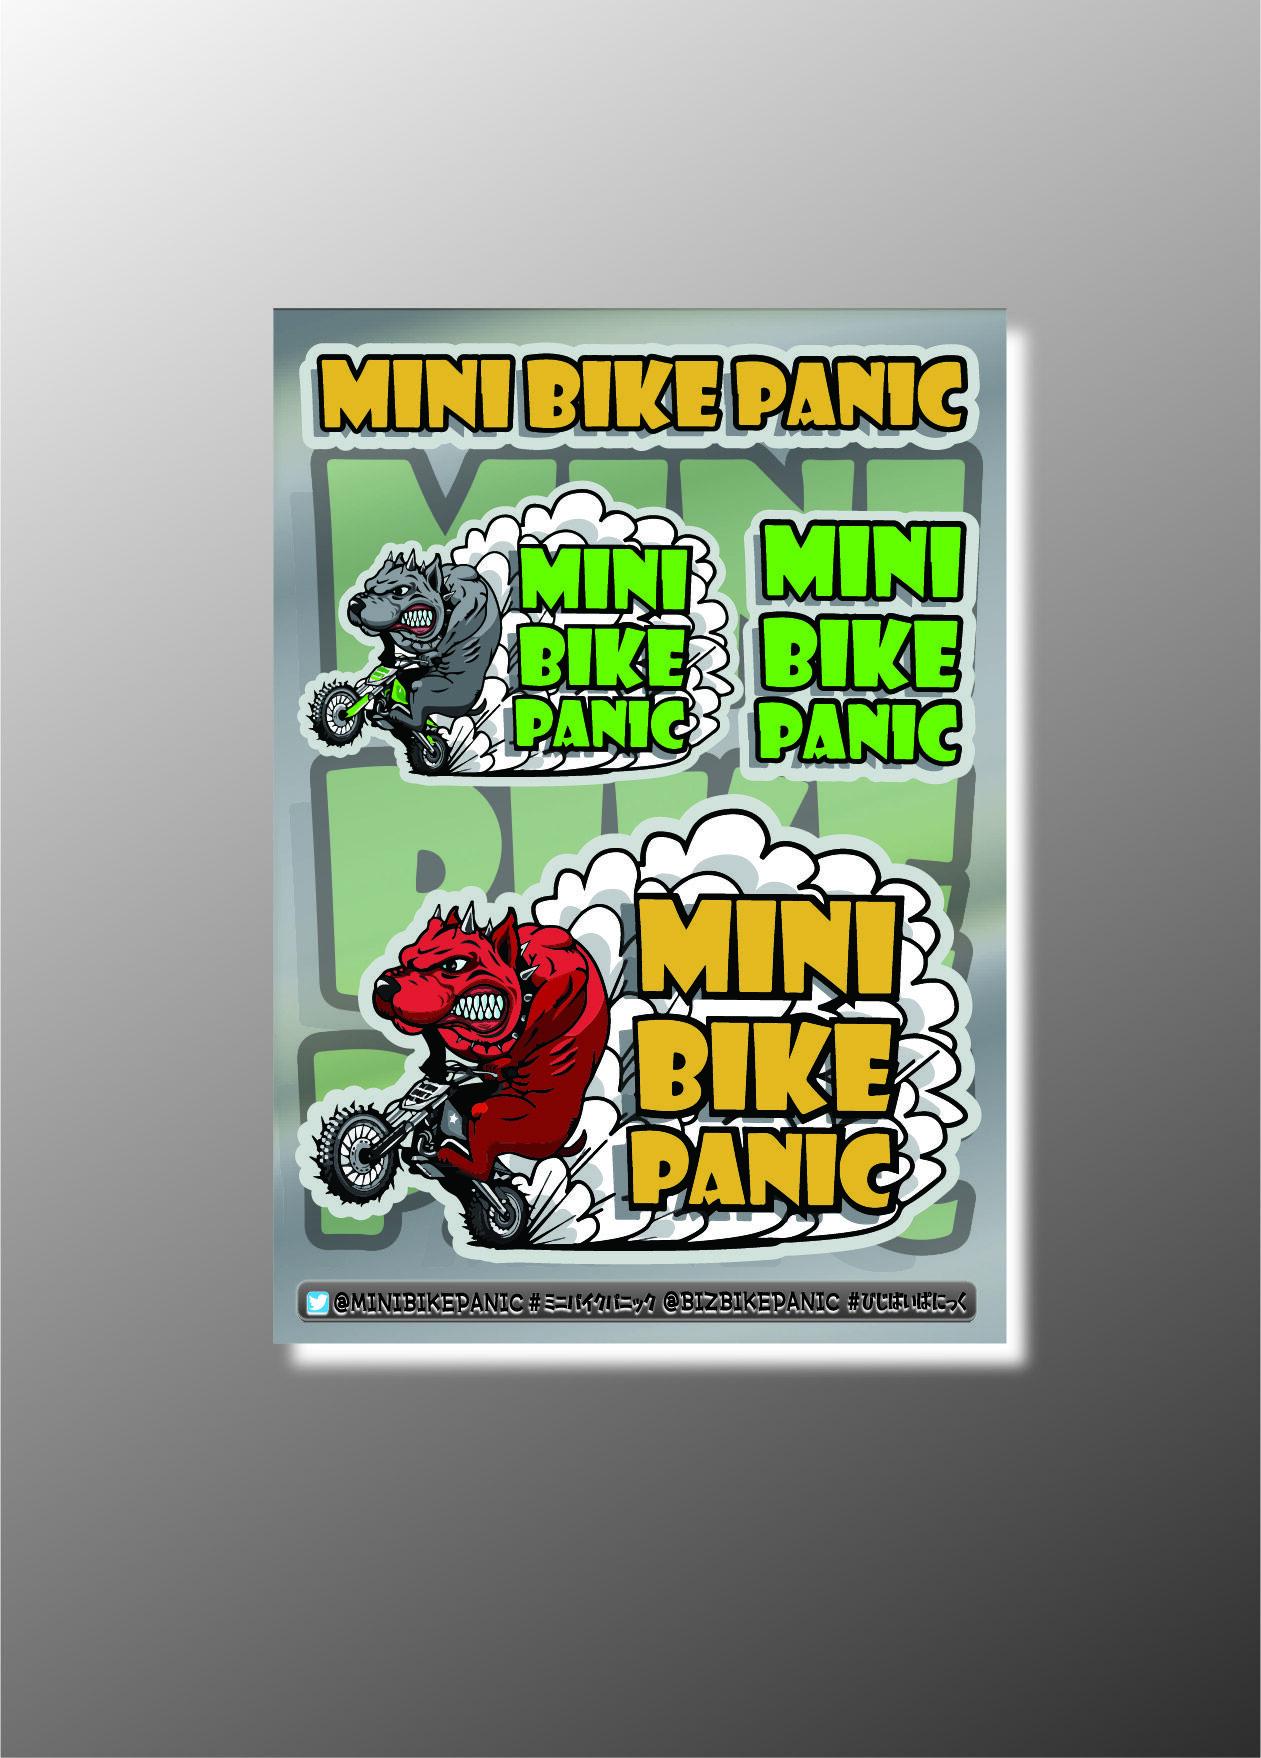 みにばいぱにっく sakaoni_bot スクール SSWA ミニモト ミニバイク 小排気量 ビジバイ ビジネスバイク カブ スーパーカブ バーディ メイト オフロード バイク イベント イベント情報 三重県 いなべ いなべモータースポーツランド CGC ハードエンデューロ ダート supercub cub bike offroad honda